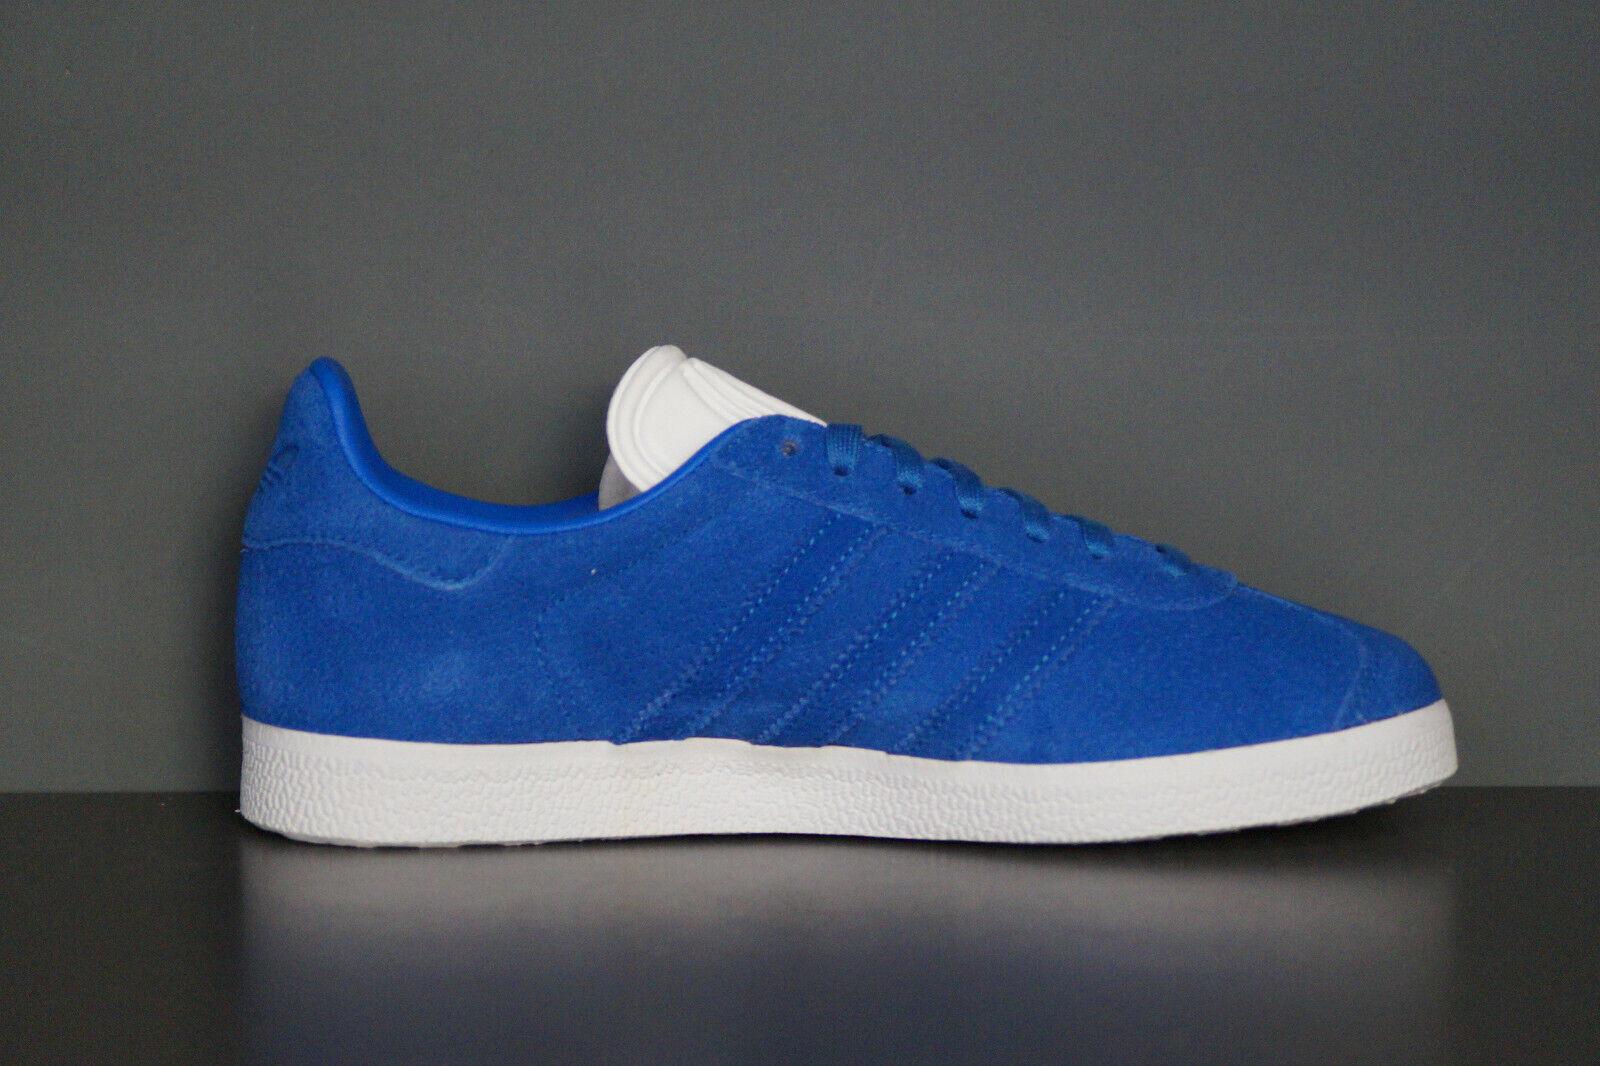 Adidas originals Gazelle EU 38.6 UK 5.5 blau BZ0028 Wildleder Wildleder Wildleder Suede Turnschuhe   |  | Tragen-wider  d3852e